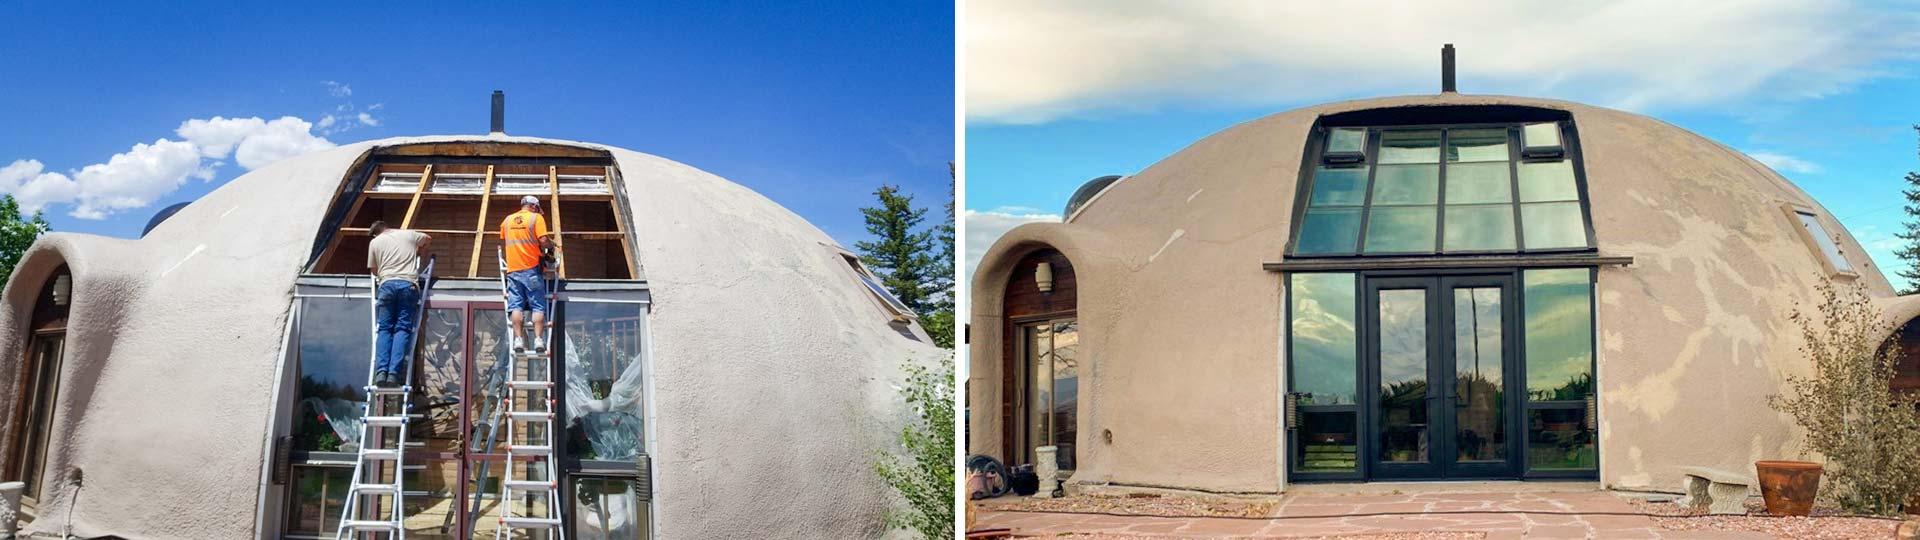 dome home skylight retrofit 14522 header